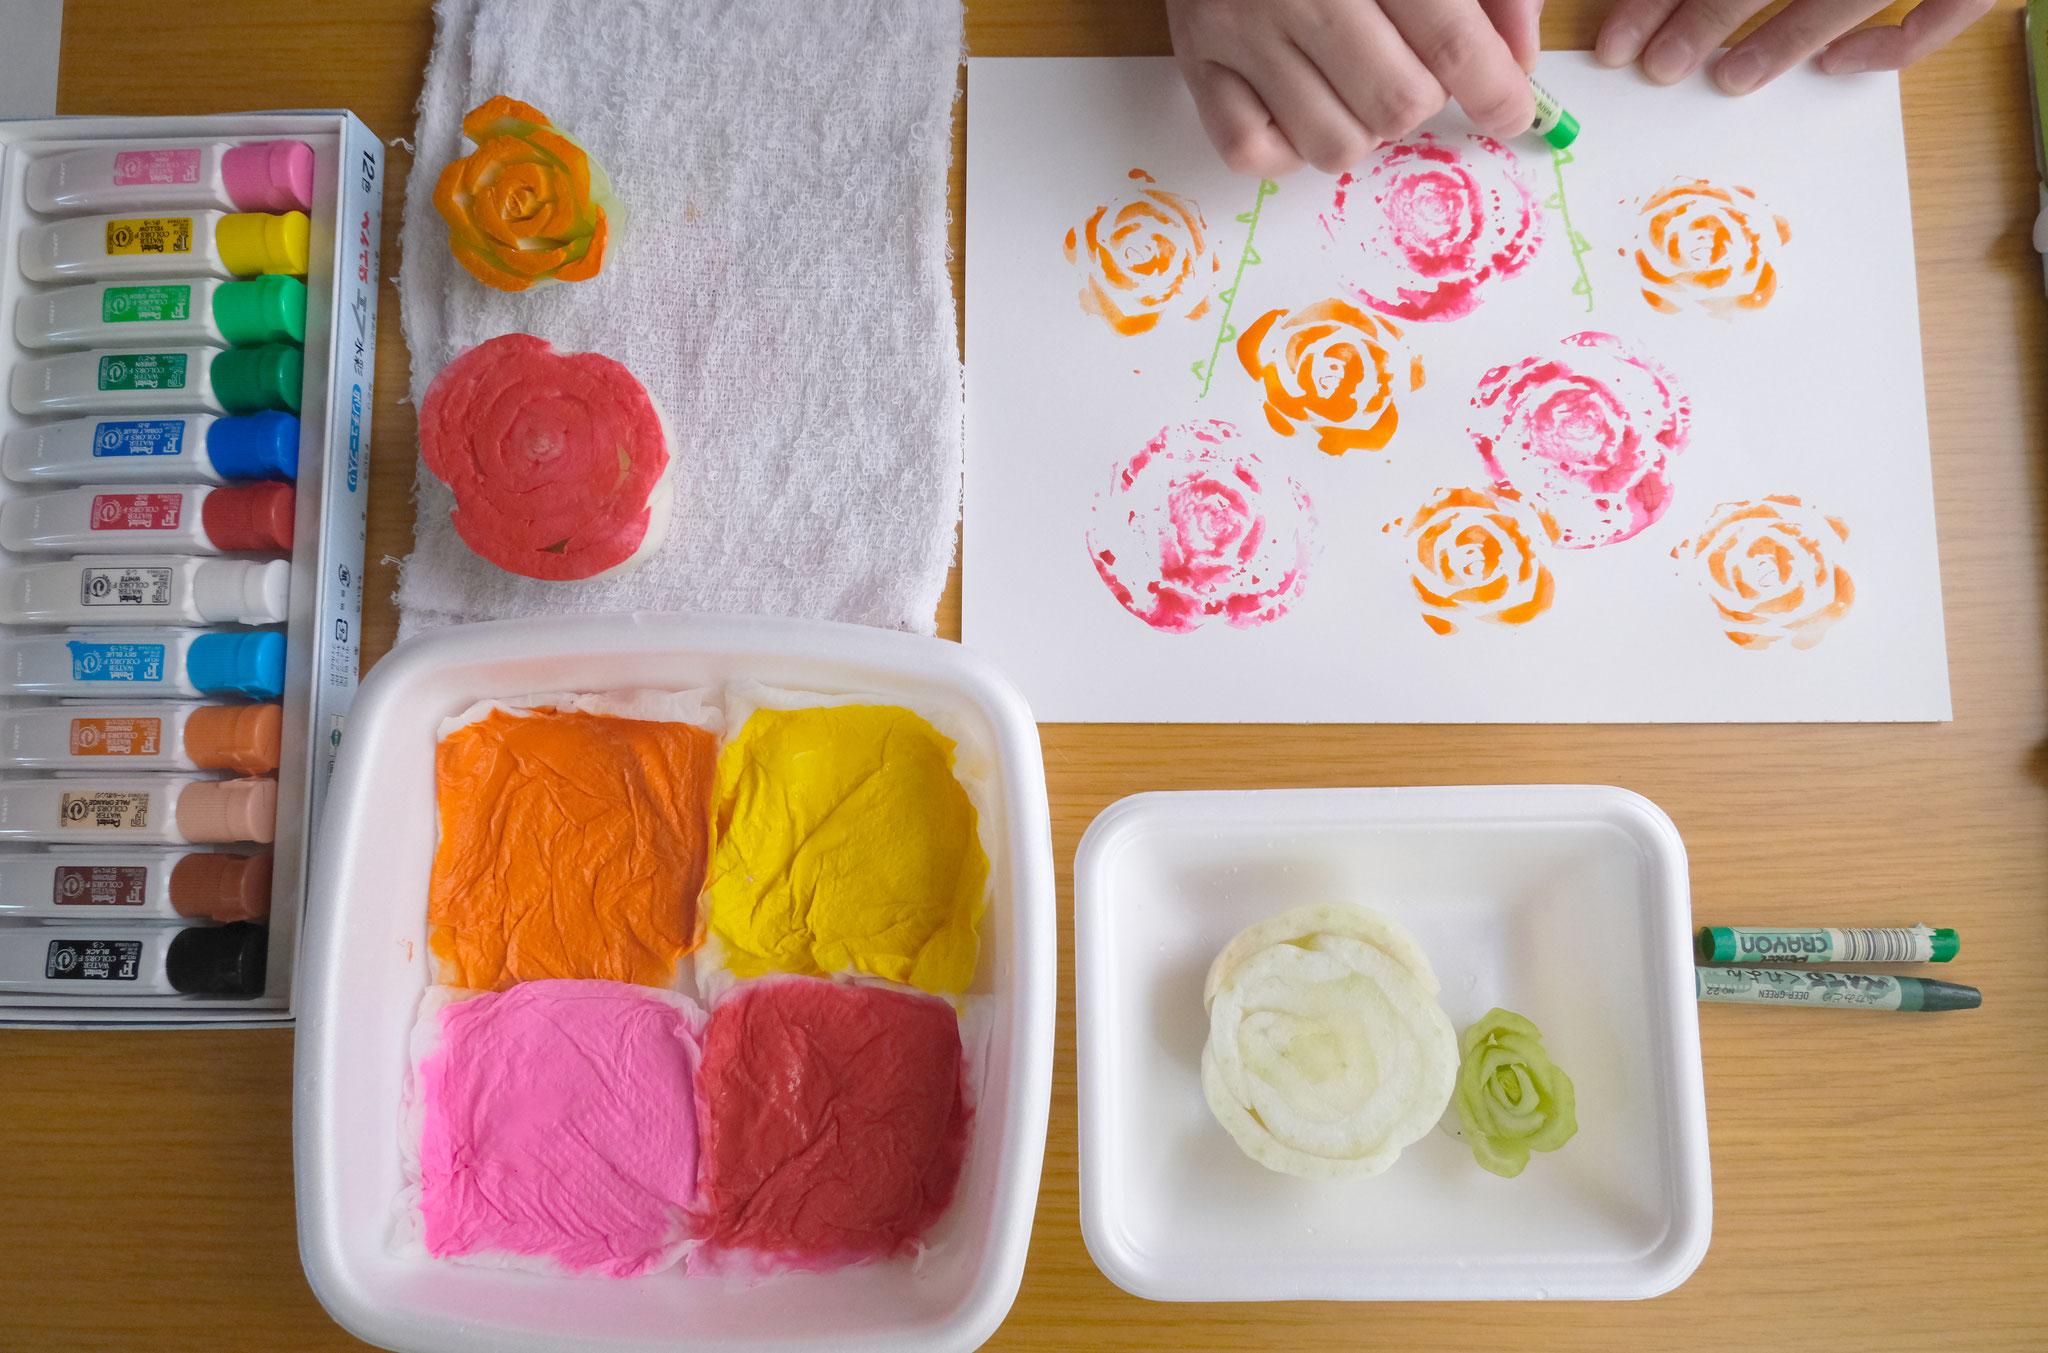 (11)ペタペタ押していき、クレヨンや色鉛筆、ペンなどで茎や